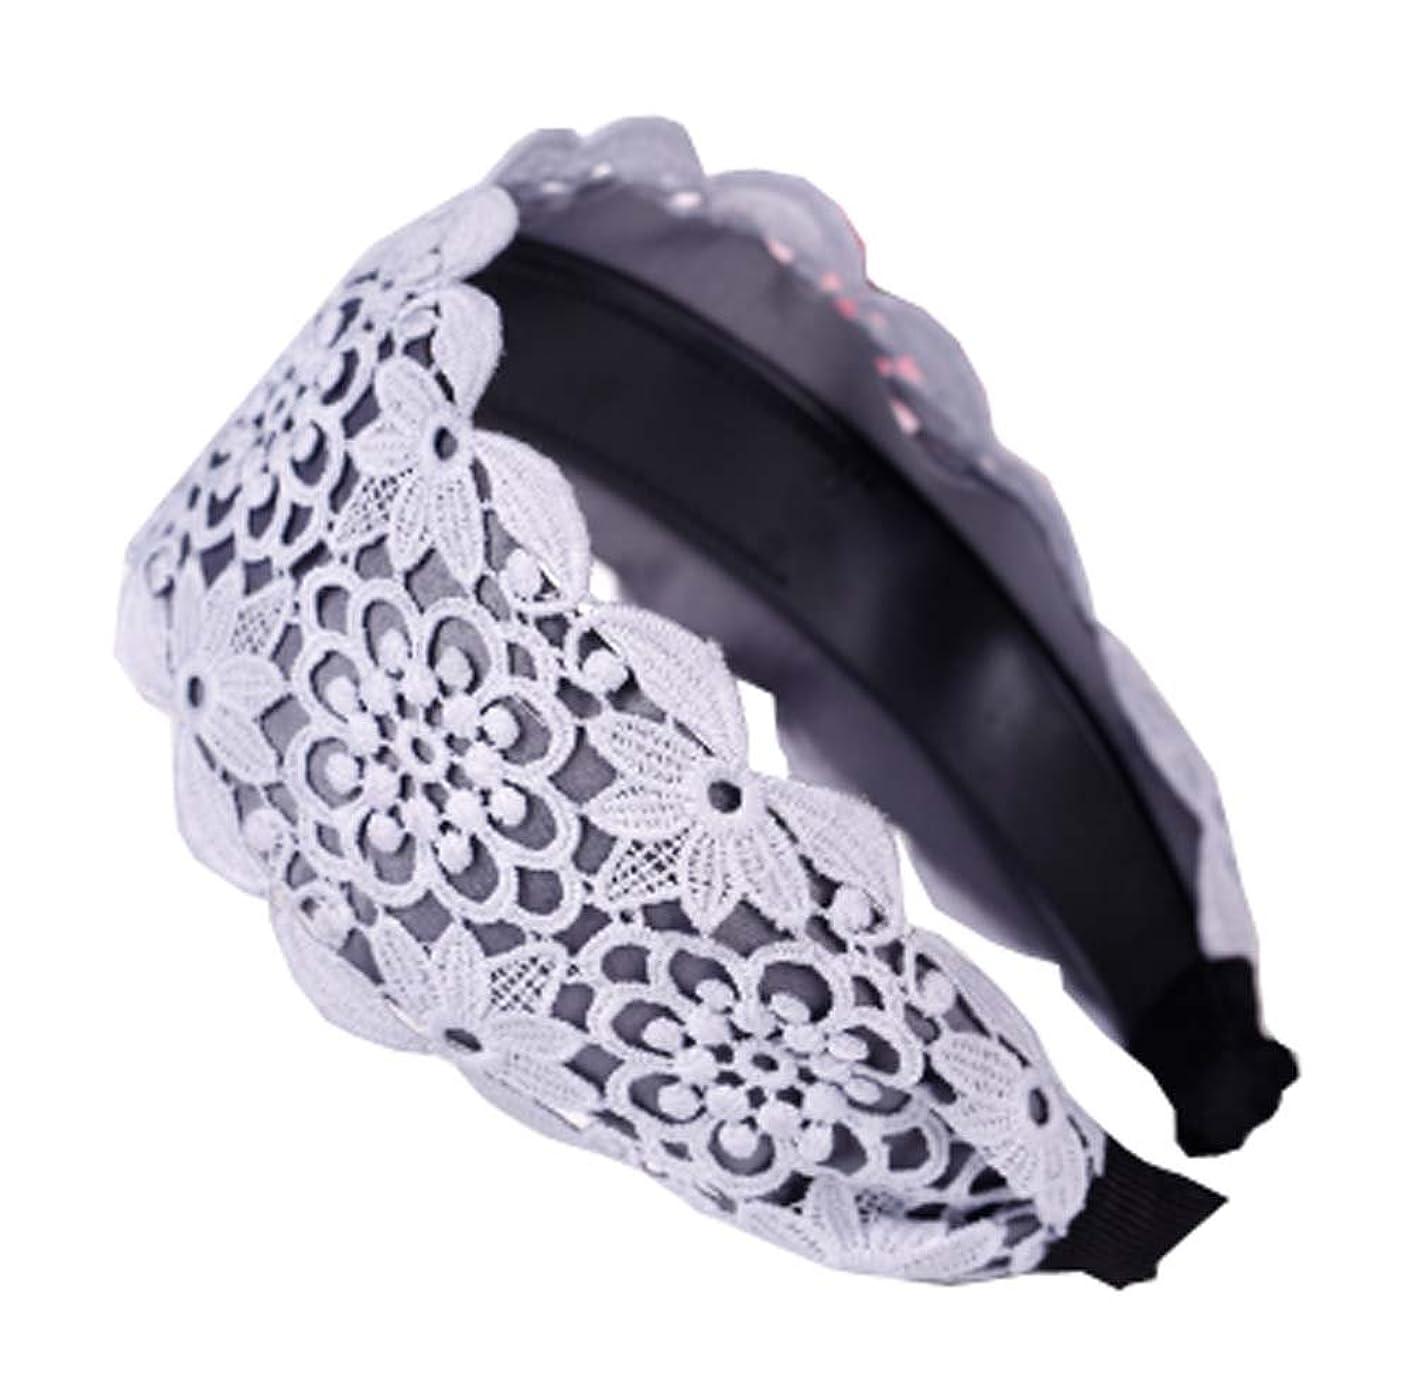 ヒューバートハドソンメイド赤ちゃん女性のための1 PCのクリエイティブファッションヘッドバンド、結婚式のヘッドバンド、ホワイト